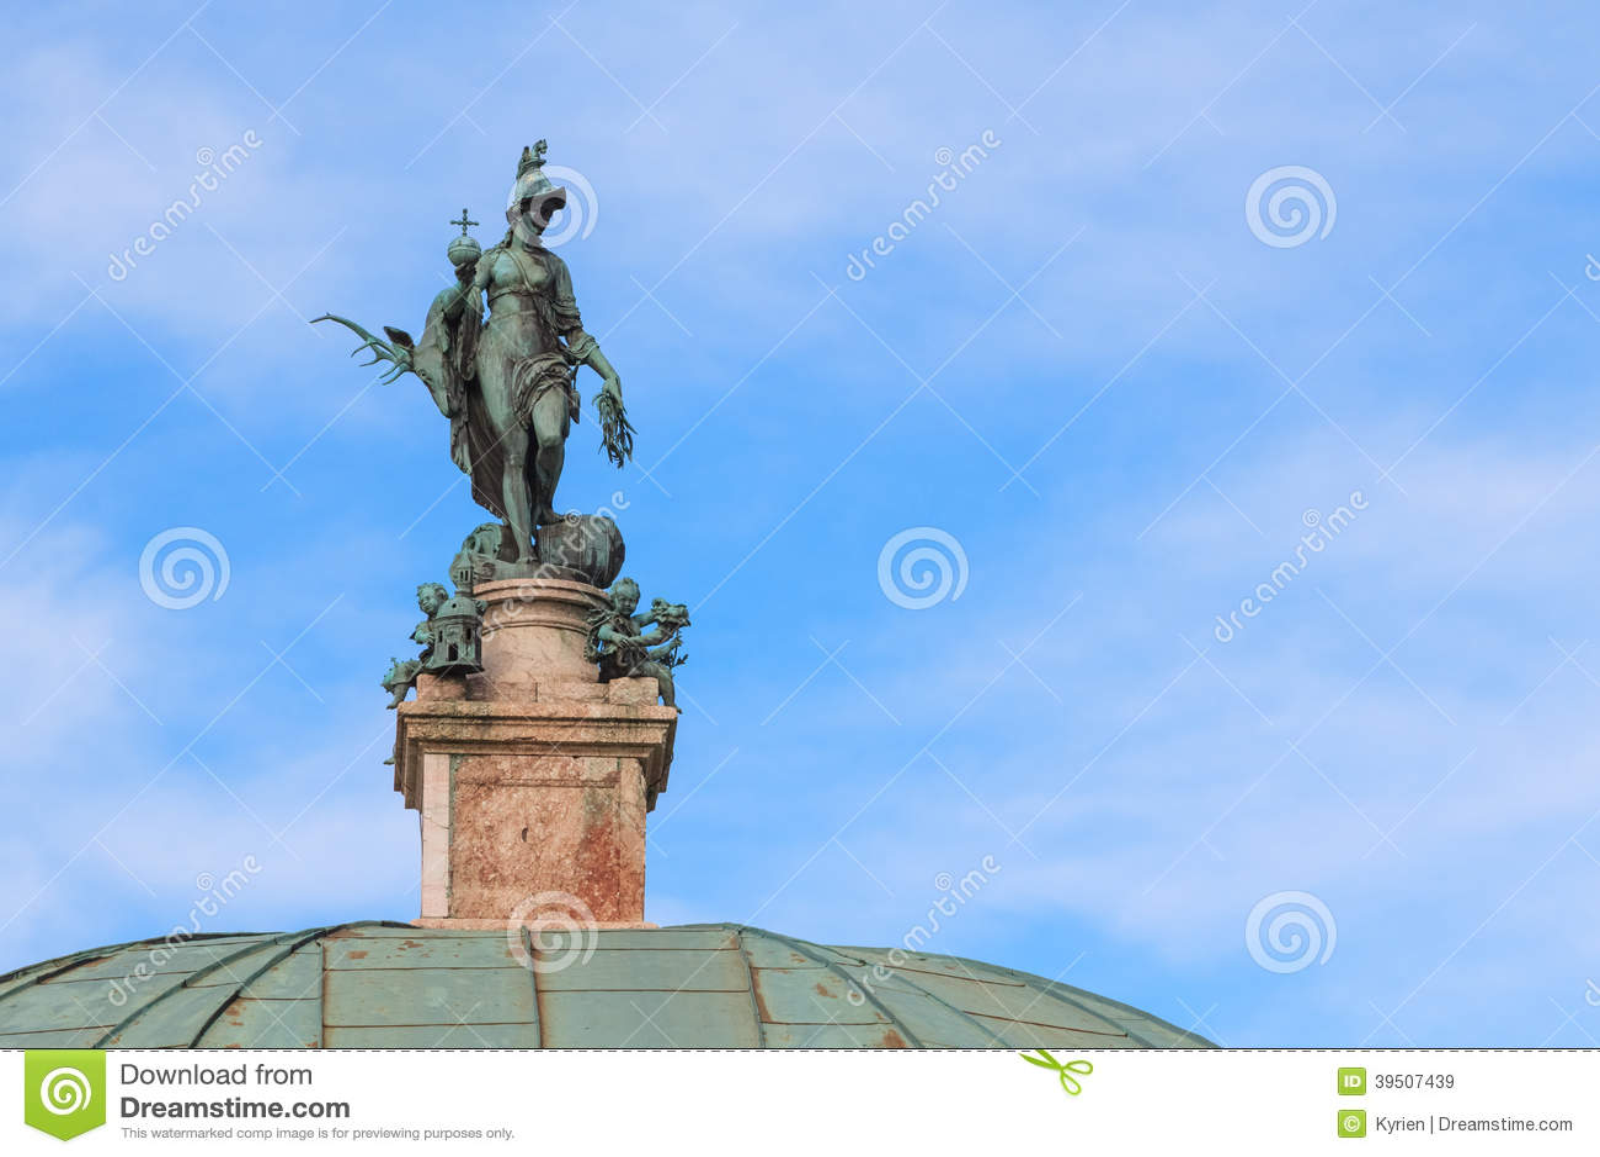 Statue der Göttin der Jagd, Diana in Hofgarten, München